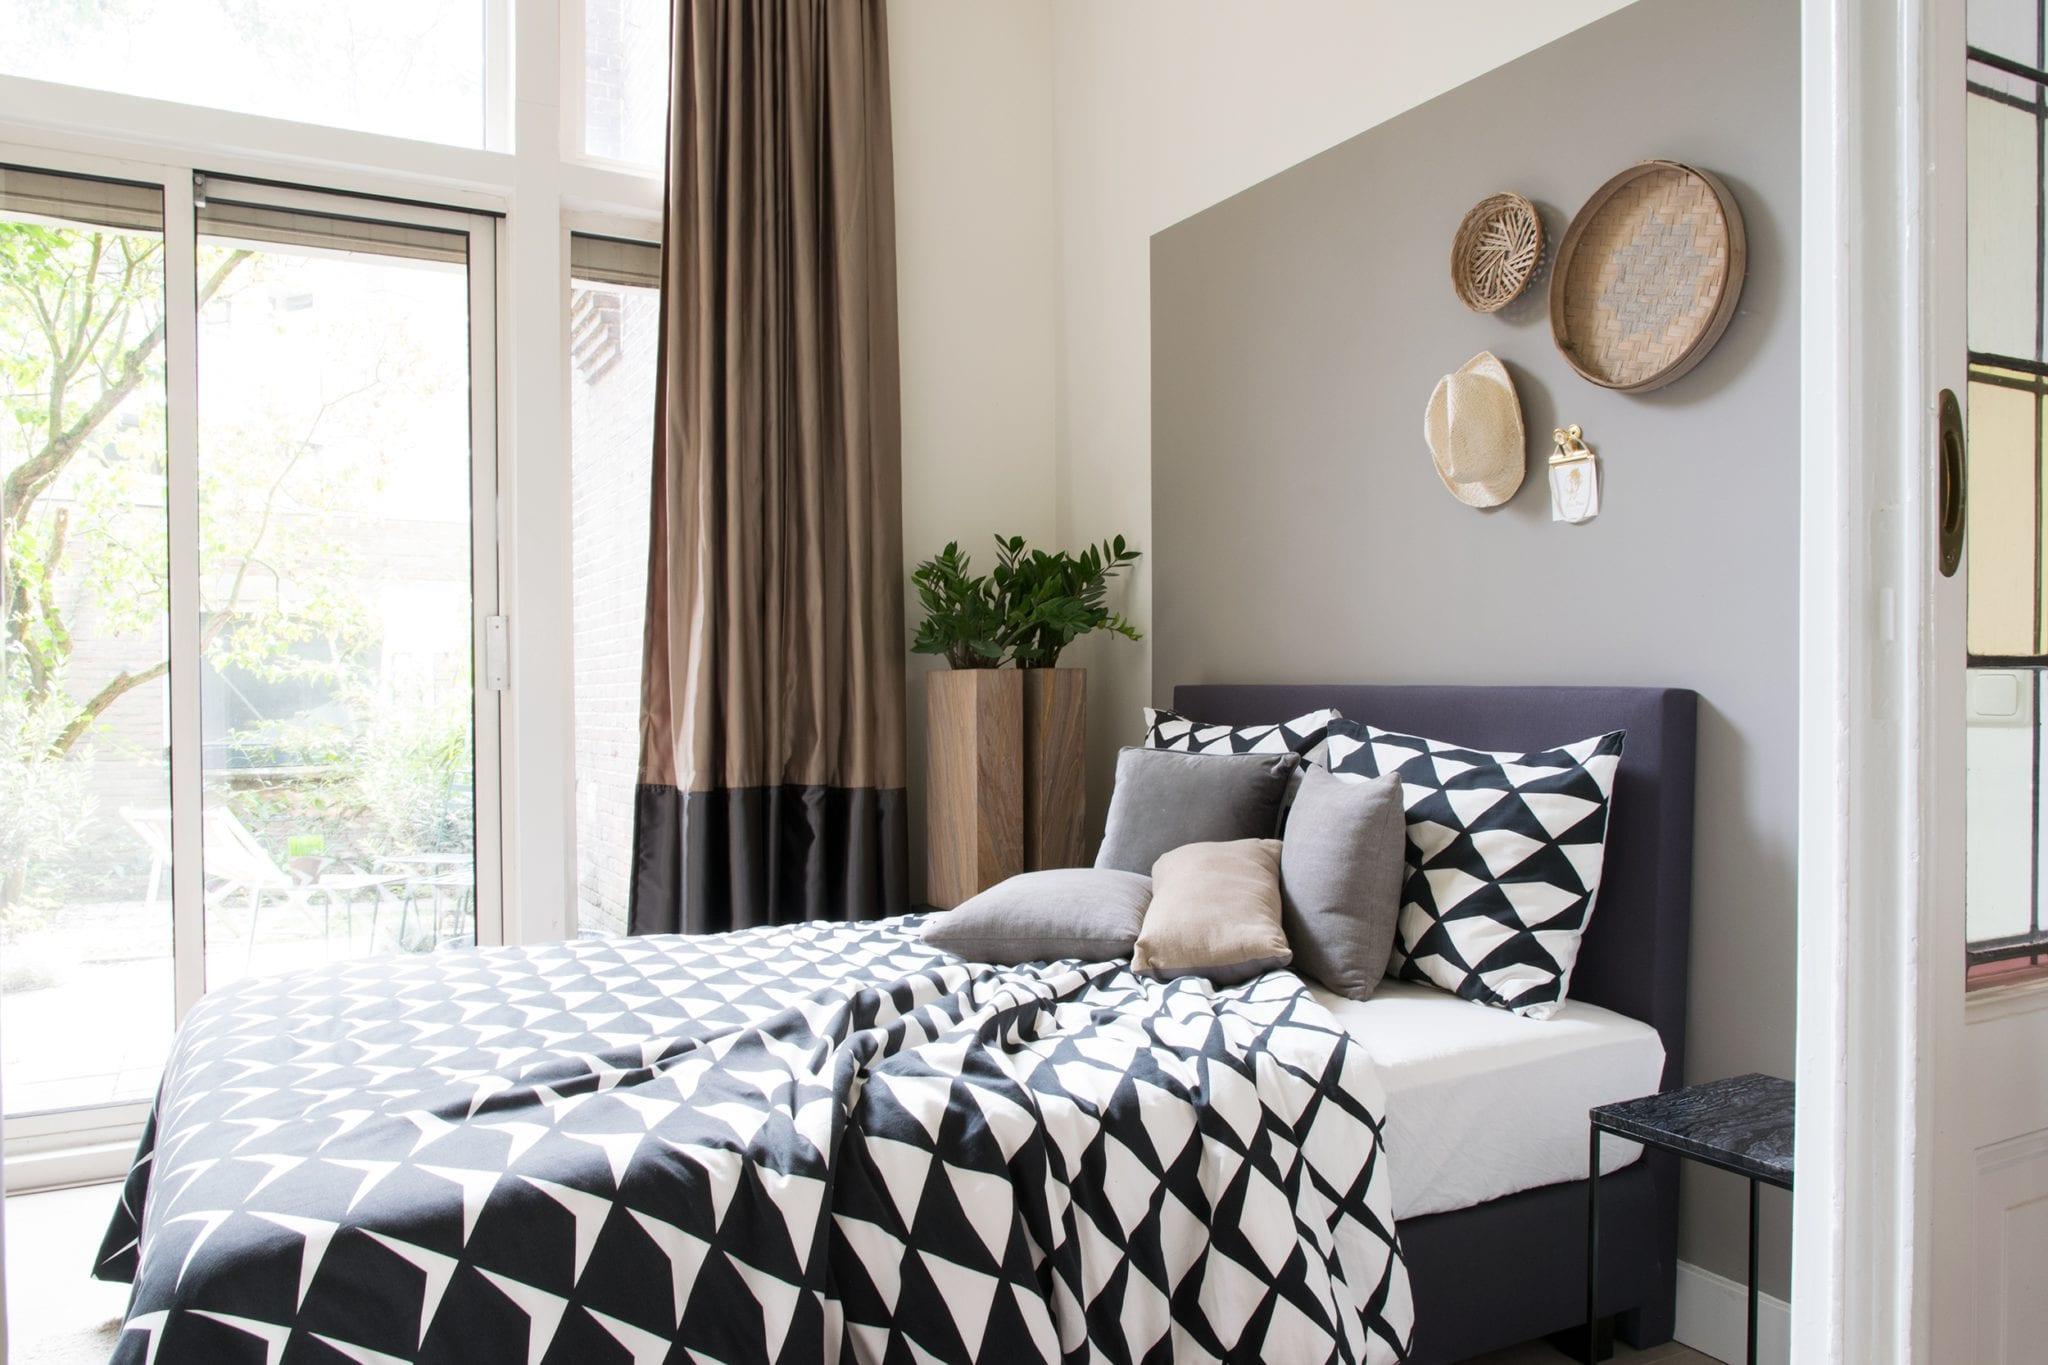 Woontrendz-binnenkijken bij Klaas in de slaapkamer